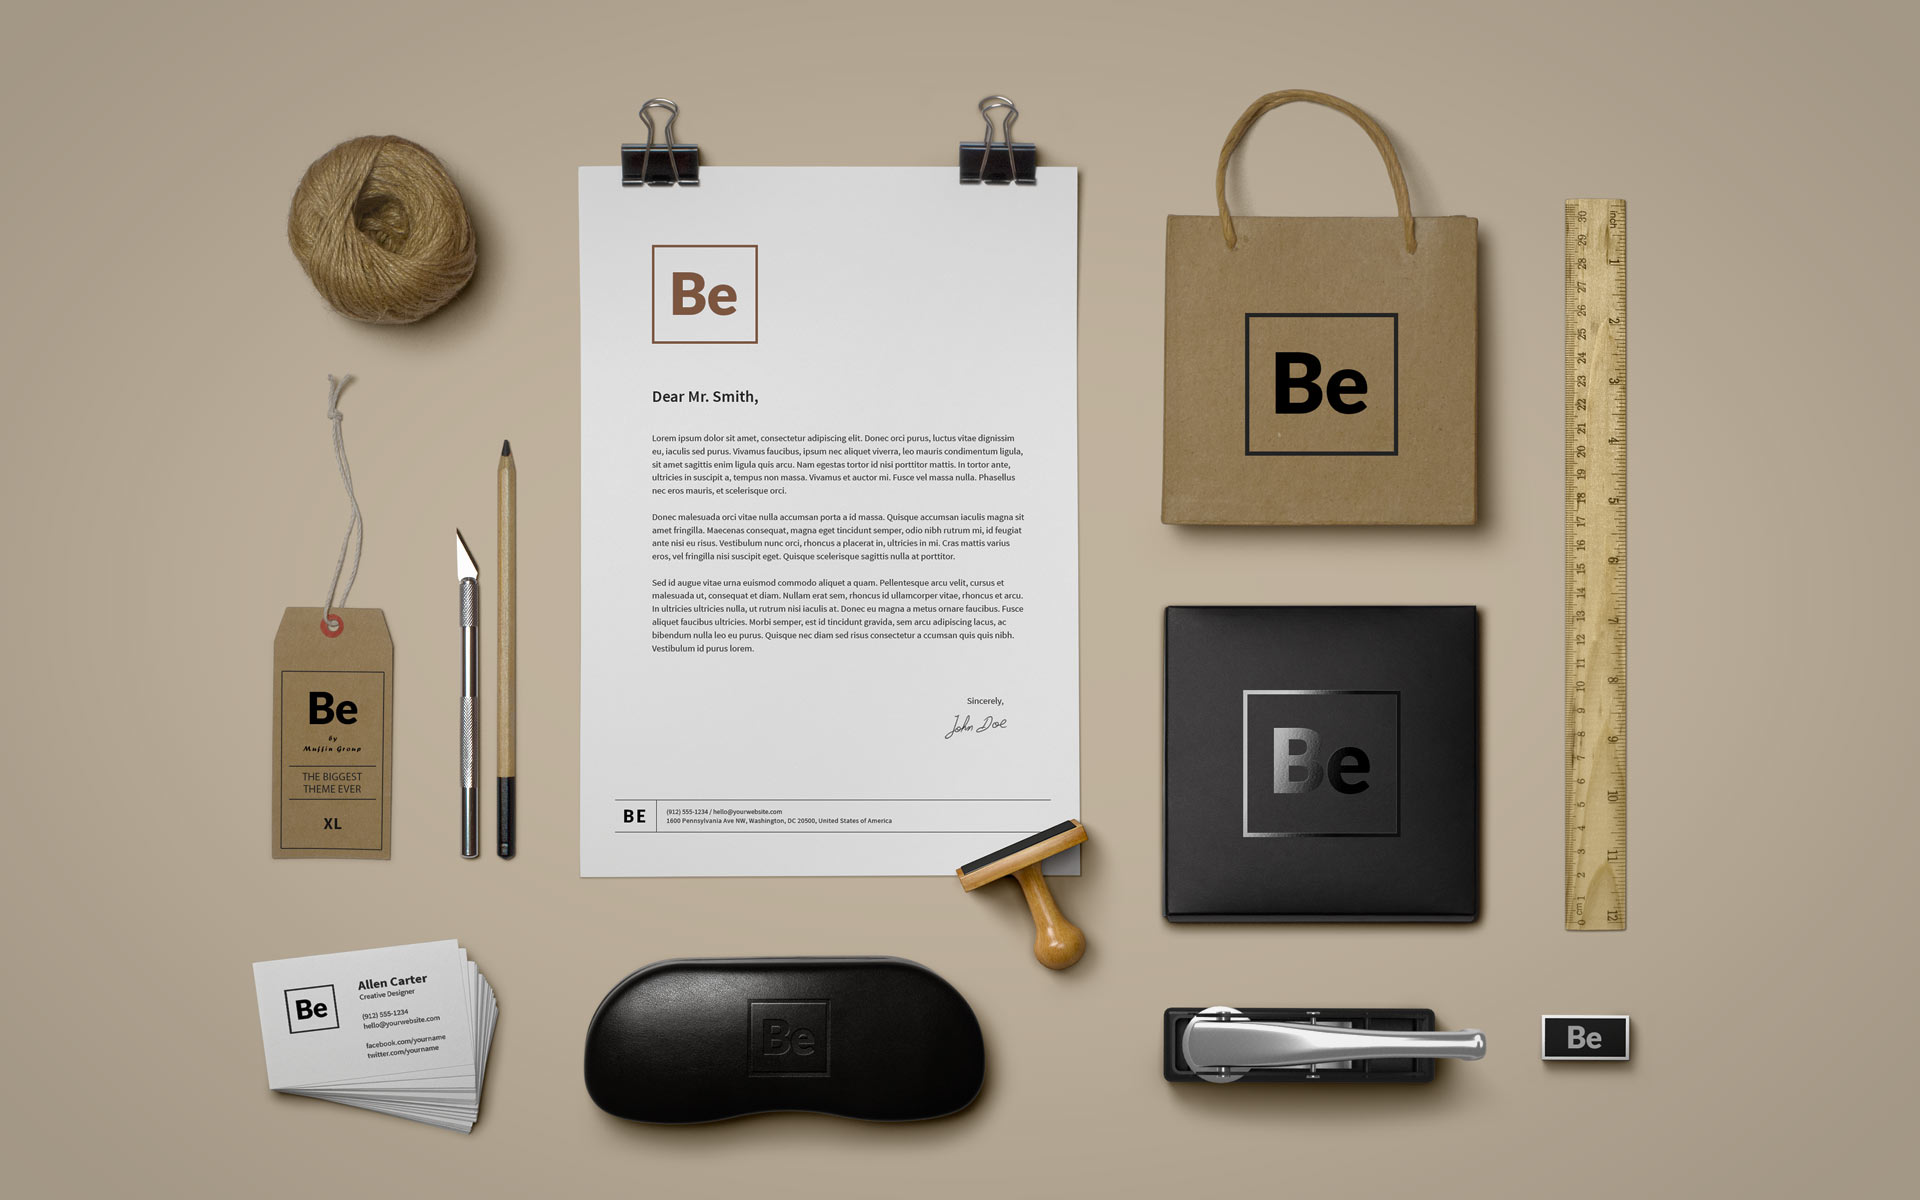 home_webdesign_slide3_bg1